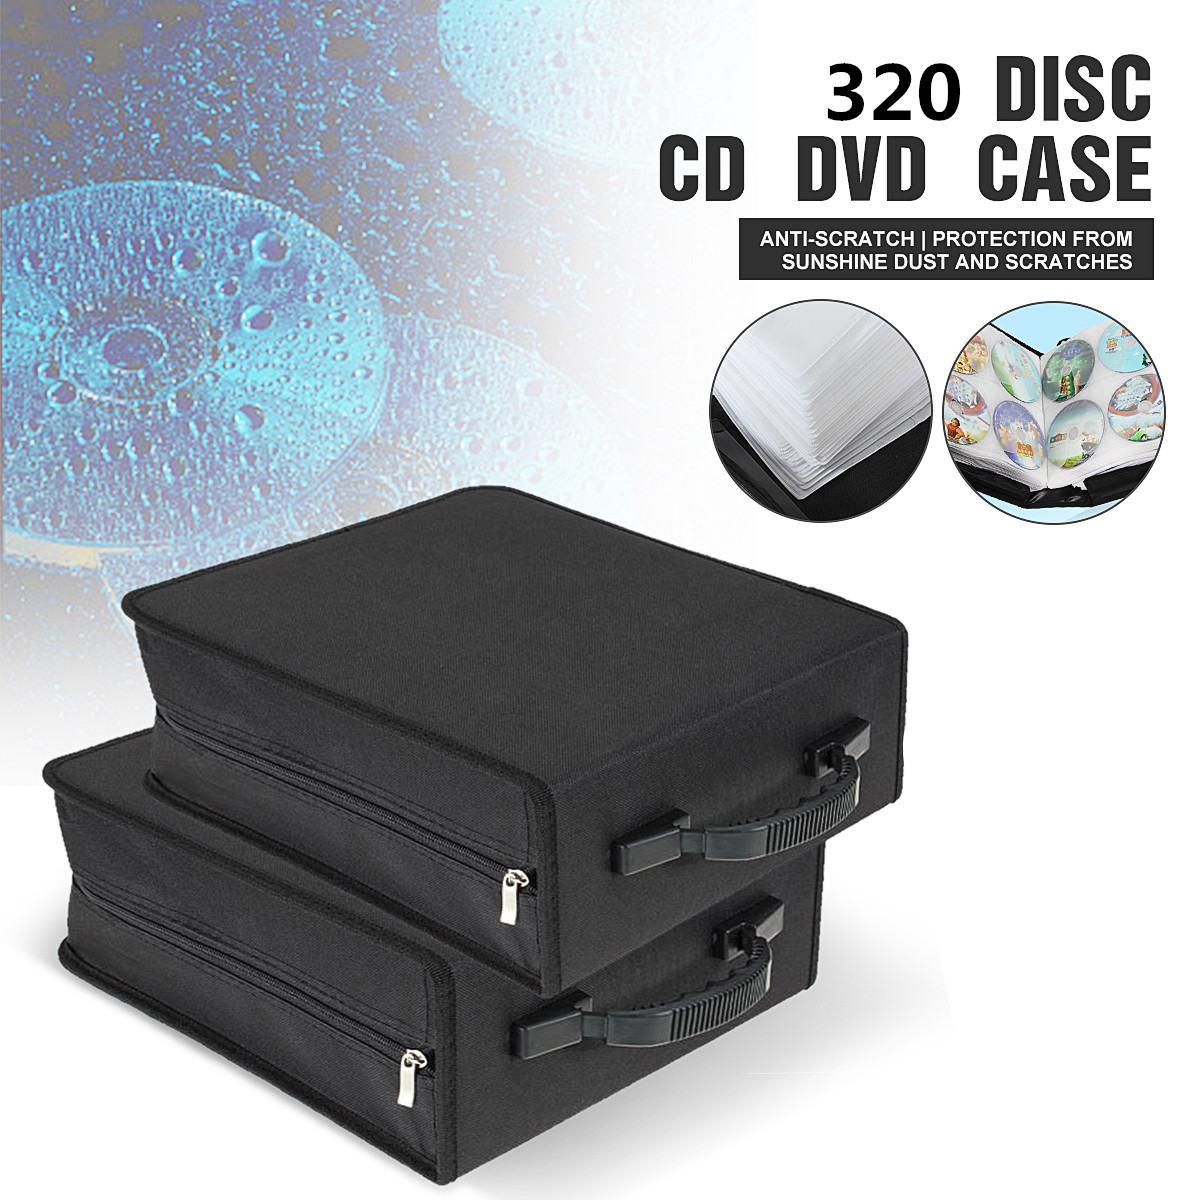 Novo Portátil 320 Capacidade CD DVD Titular Carry Bag Caso De Armazenamento De Mídia Durável Preto de Alta Qualidade